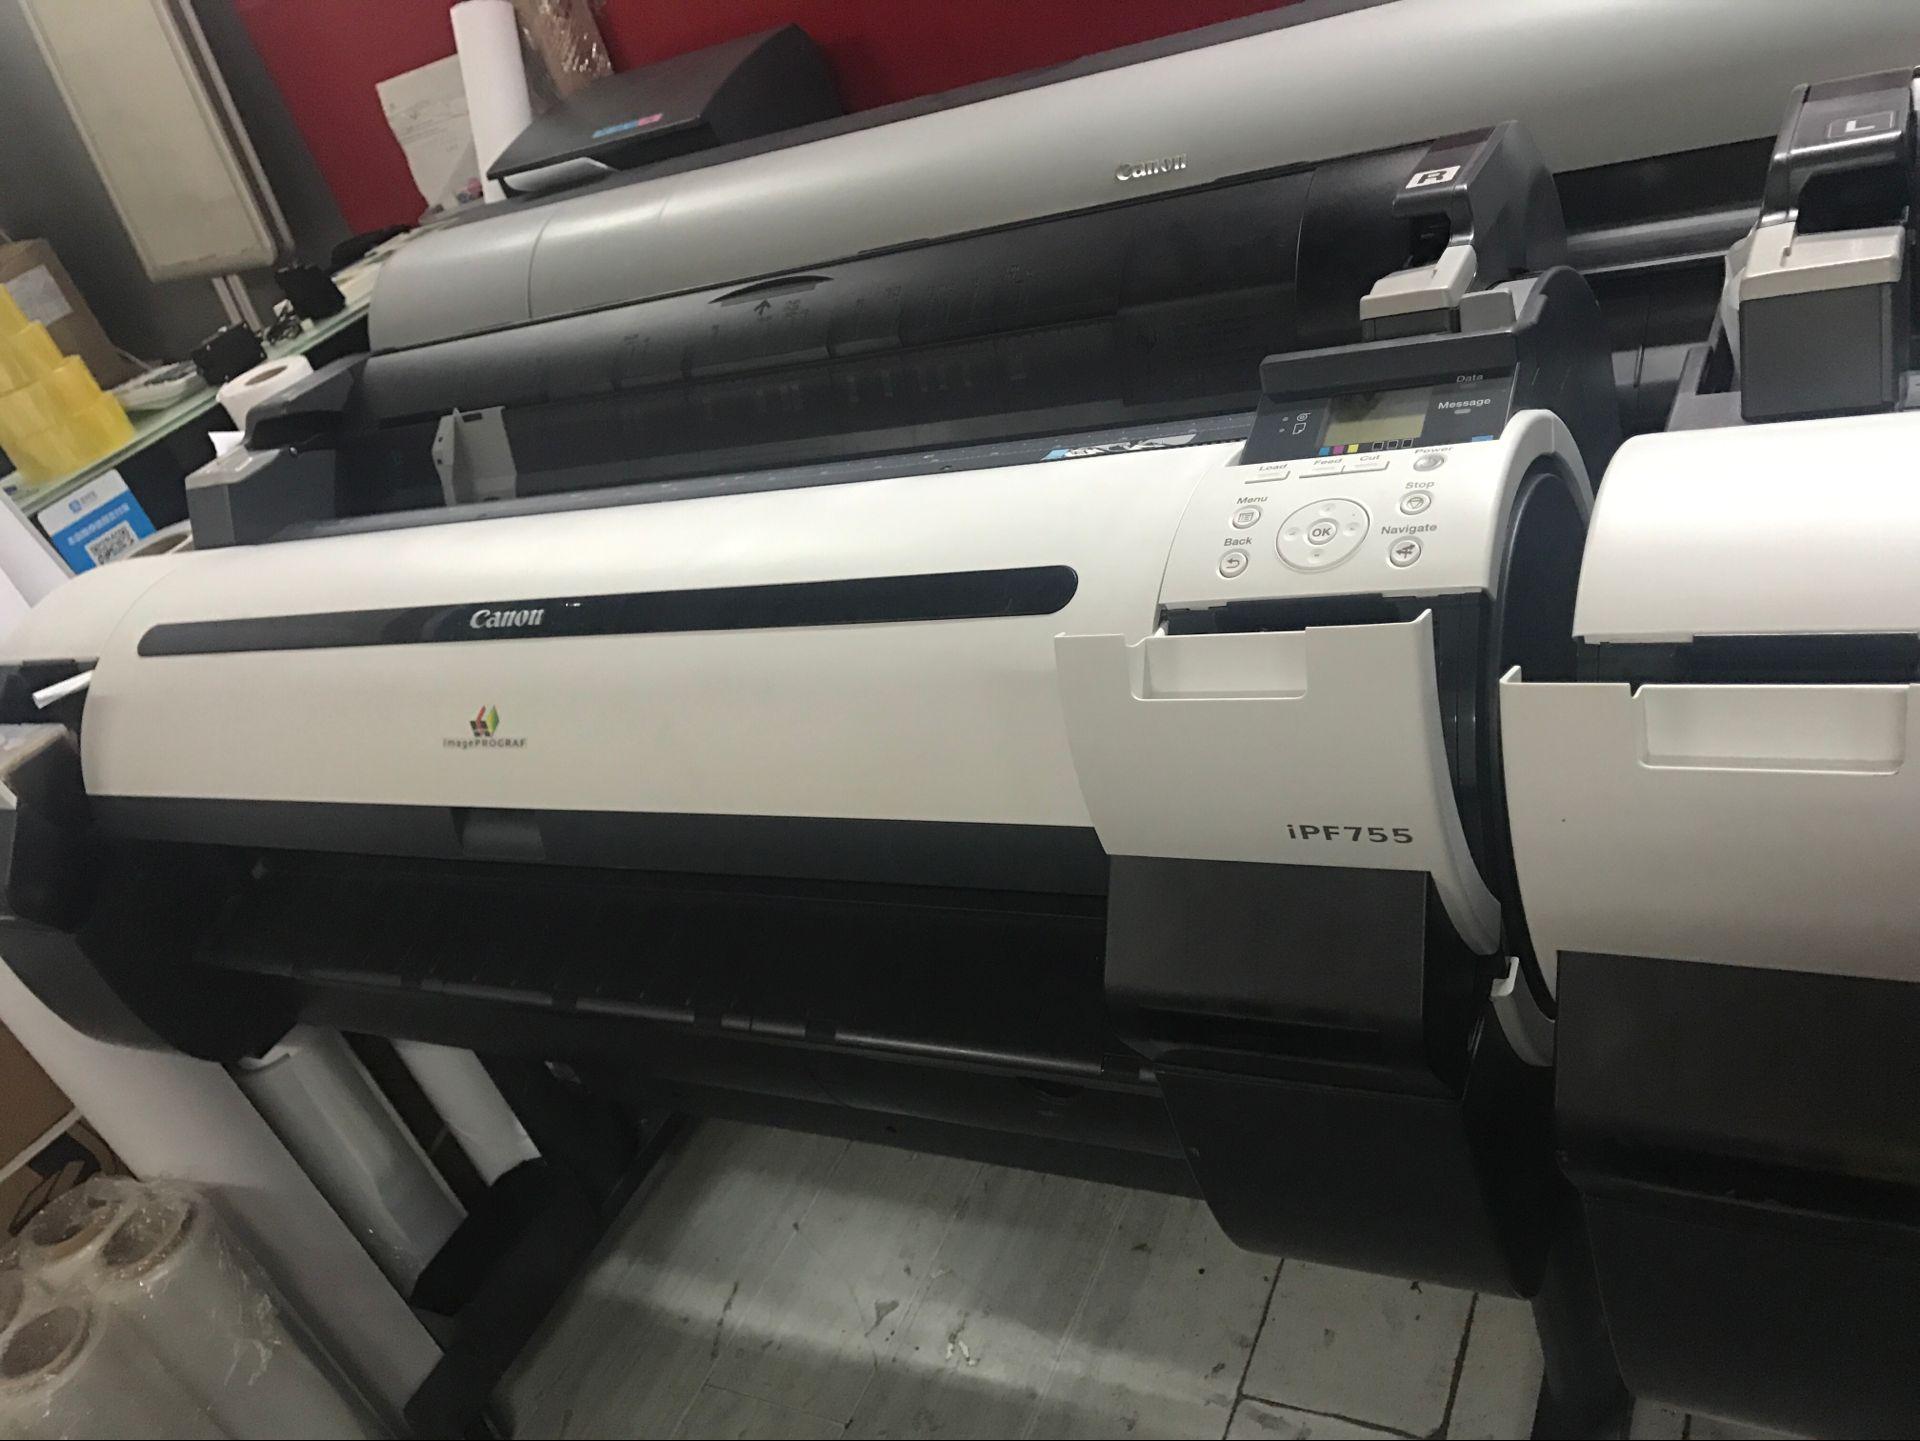 Canon绘图仪佳能 iPF755 大幅面打印机CAD写真机图文建筑专业影像